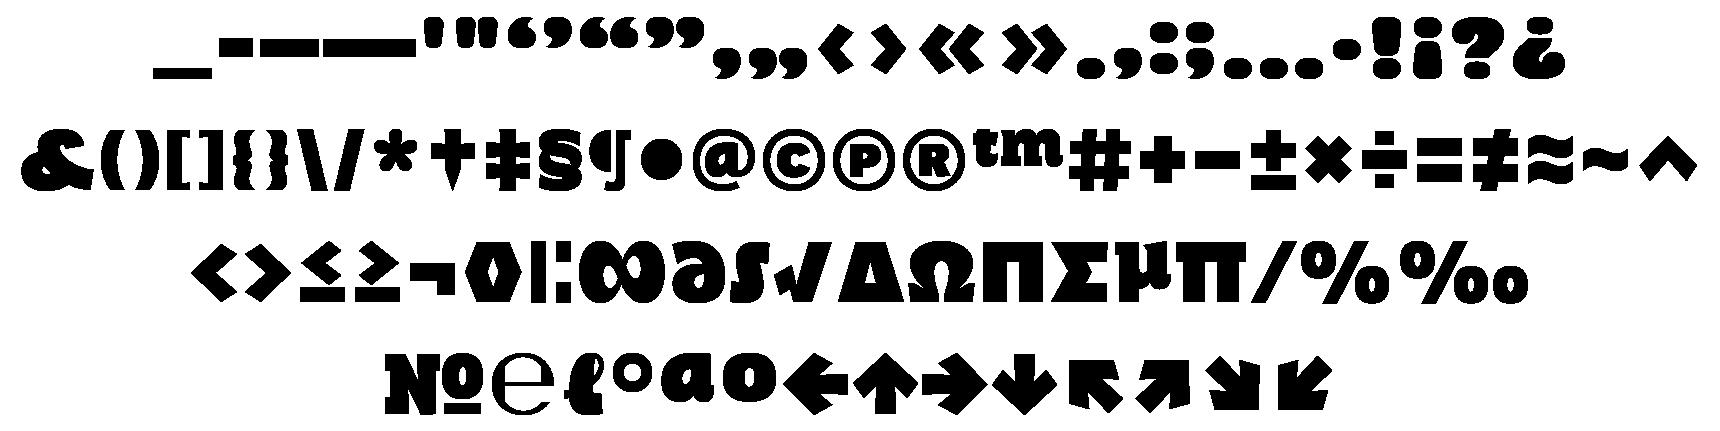 <p>Punctuation & symbols</p> glyphs